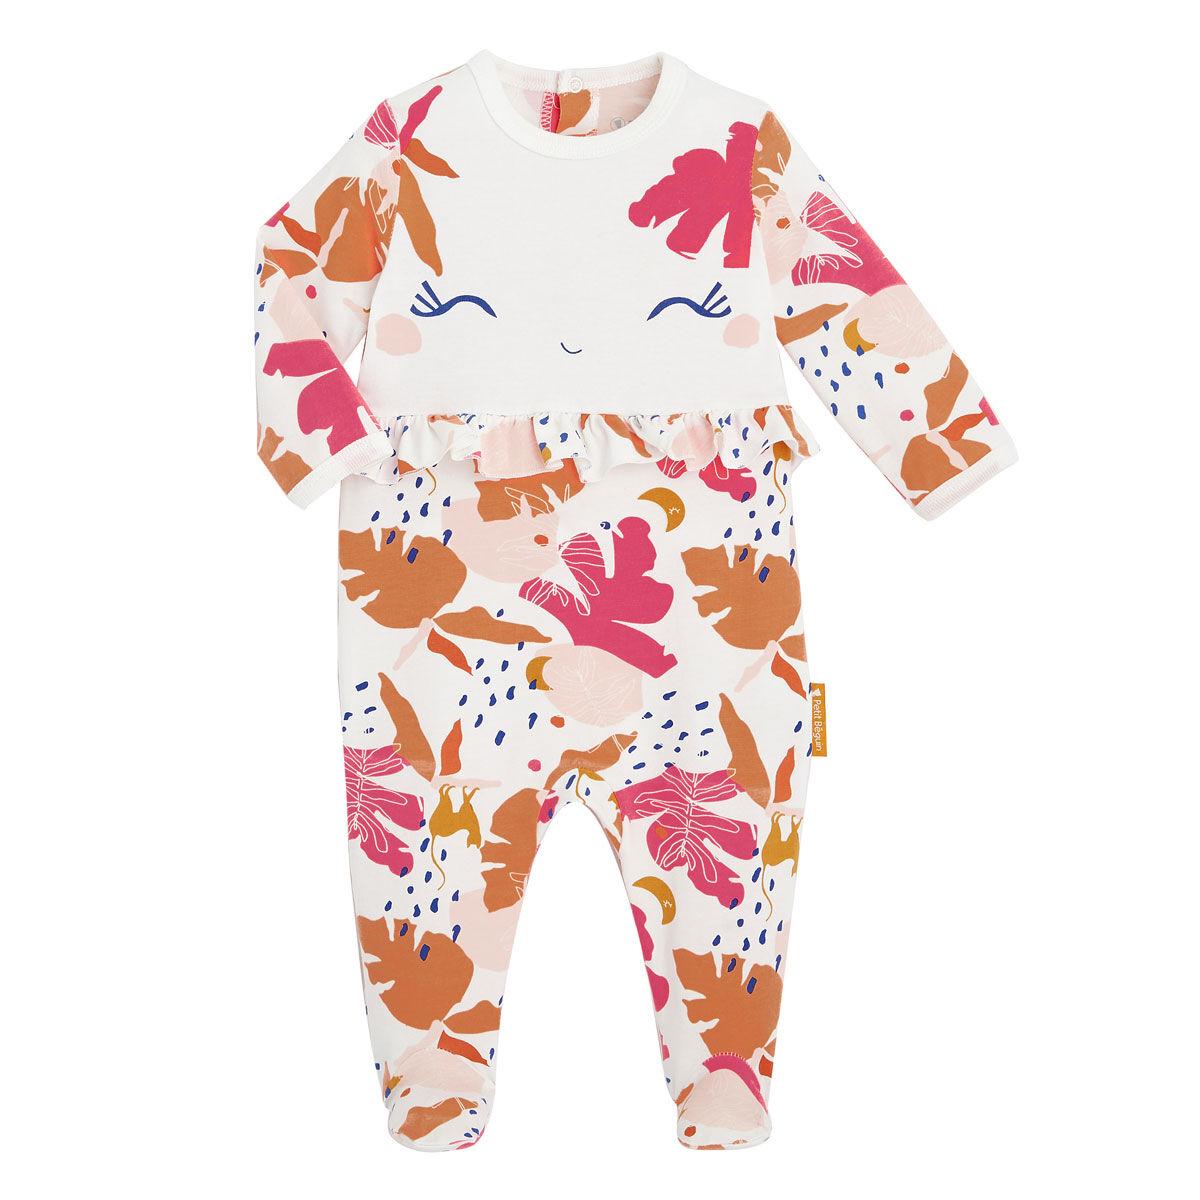 Petit Béguin Pyjama bébé contenant du coton bio Perle de Lune - Taille - 6 mois